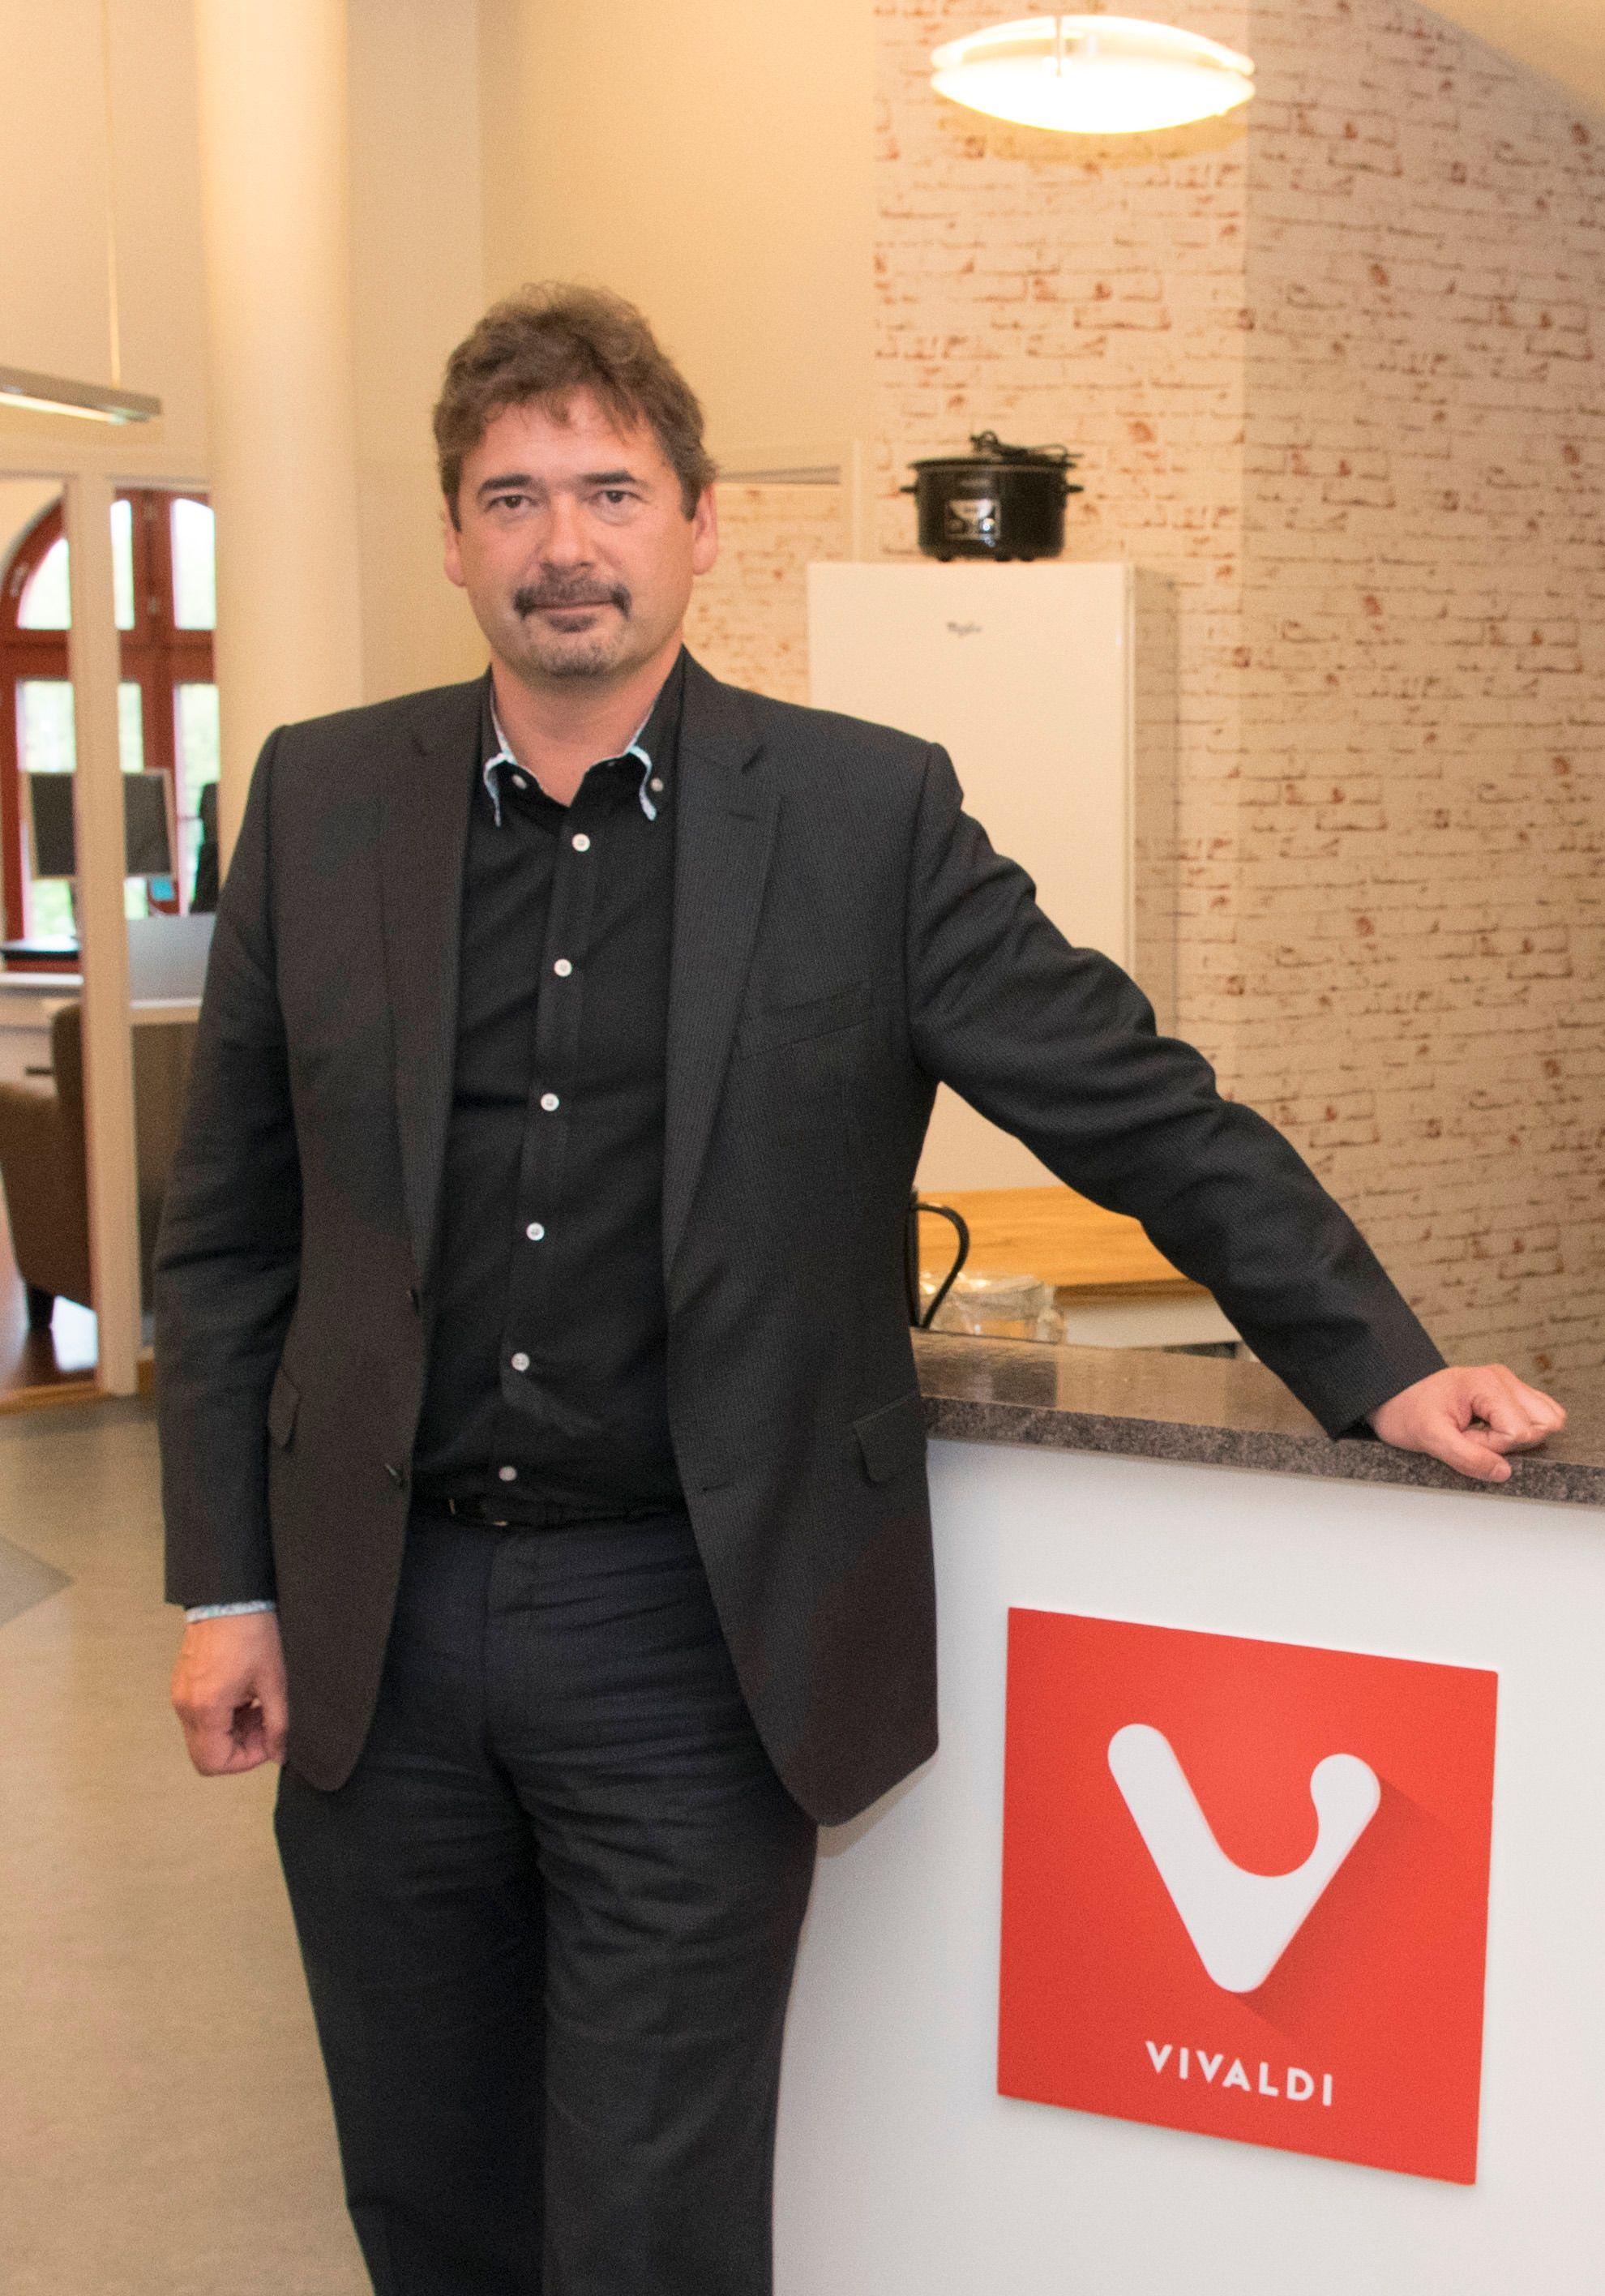 Vivaldi er Jon von Tetzchners andre store nettleserprosjekt. Du kjenner ham kanskje først og fremst som grunnleggeren av Opera Software. Foto: Finn Jarle Kvalheim, Tek.no